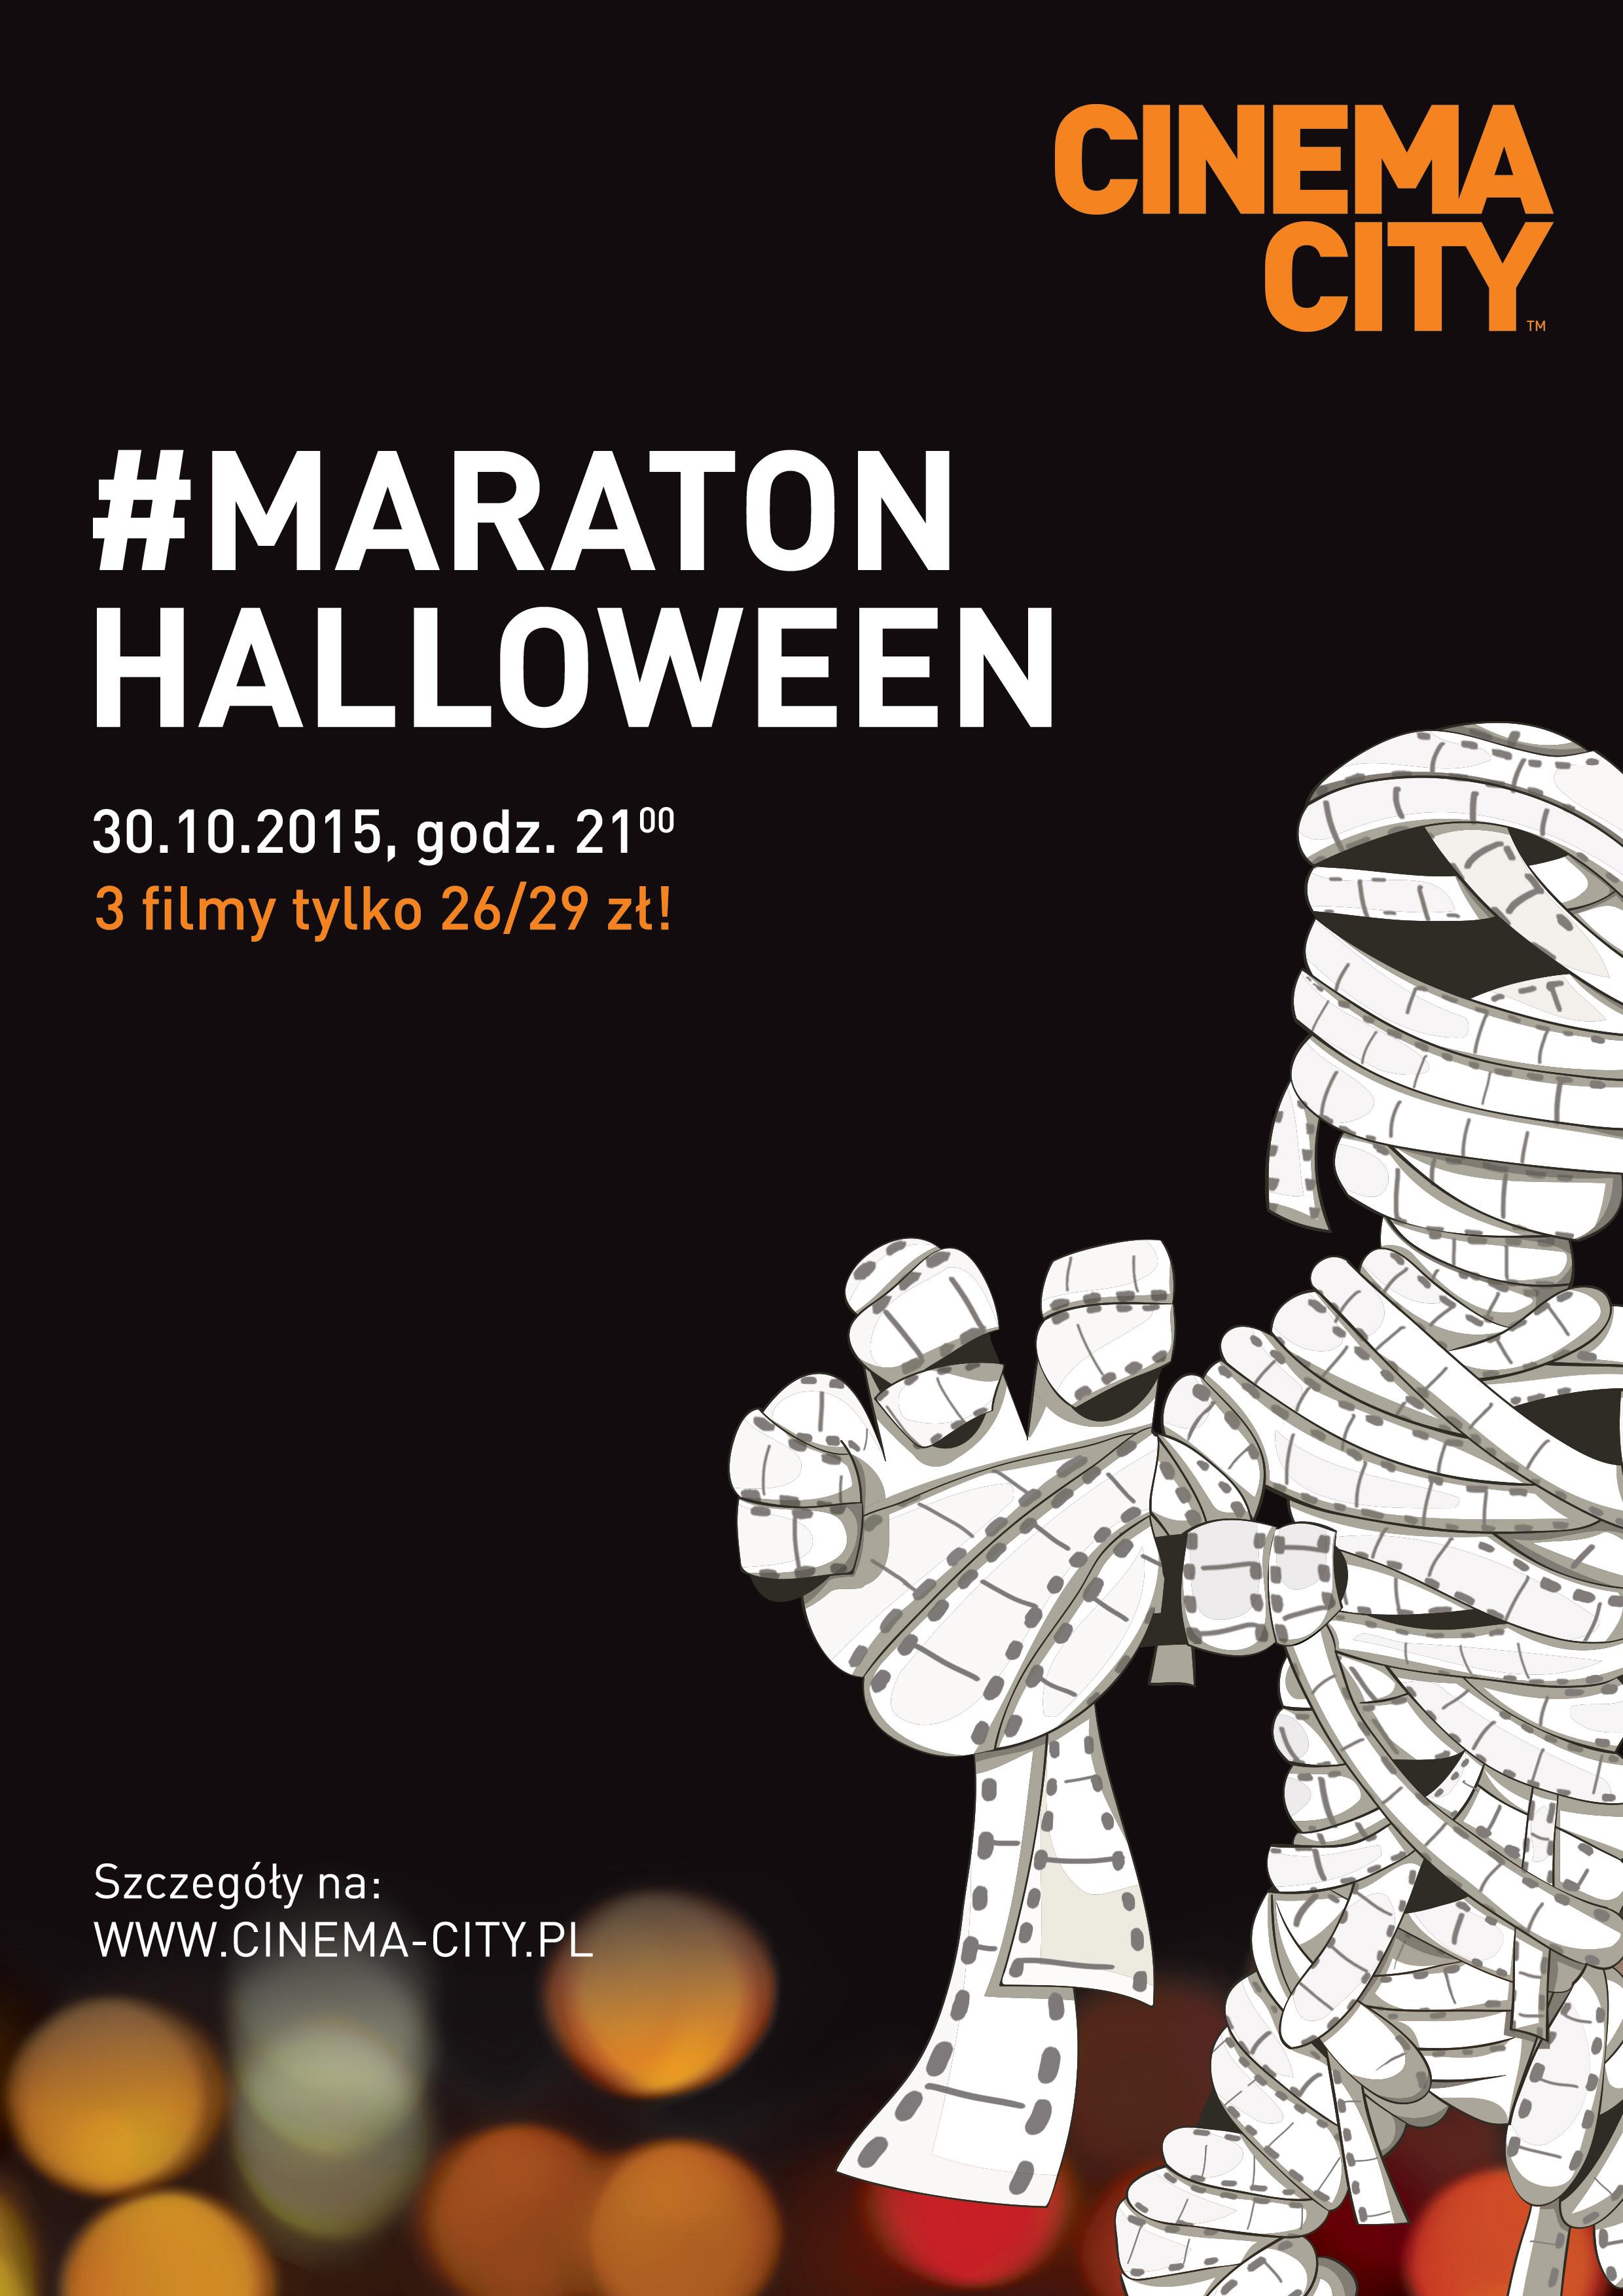 MaratonHalloween_plakat